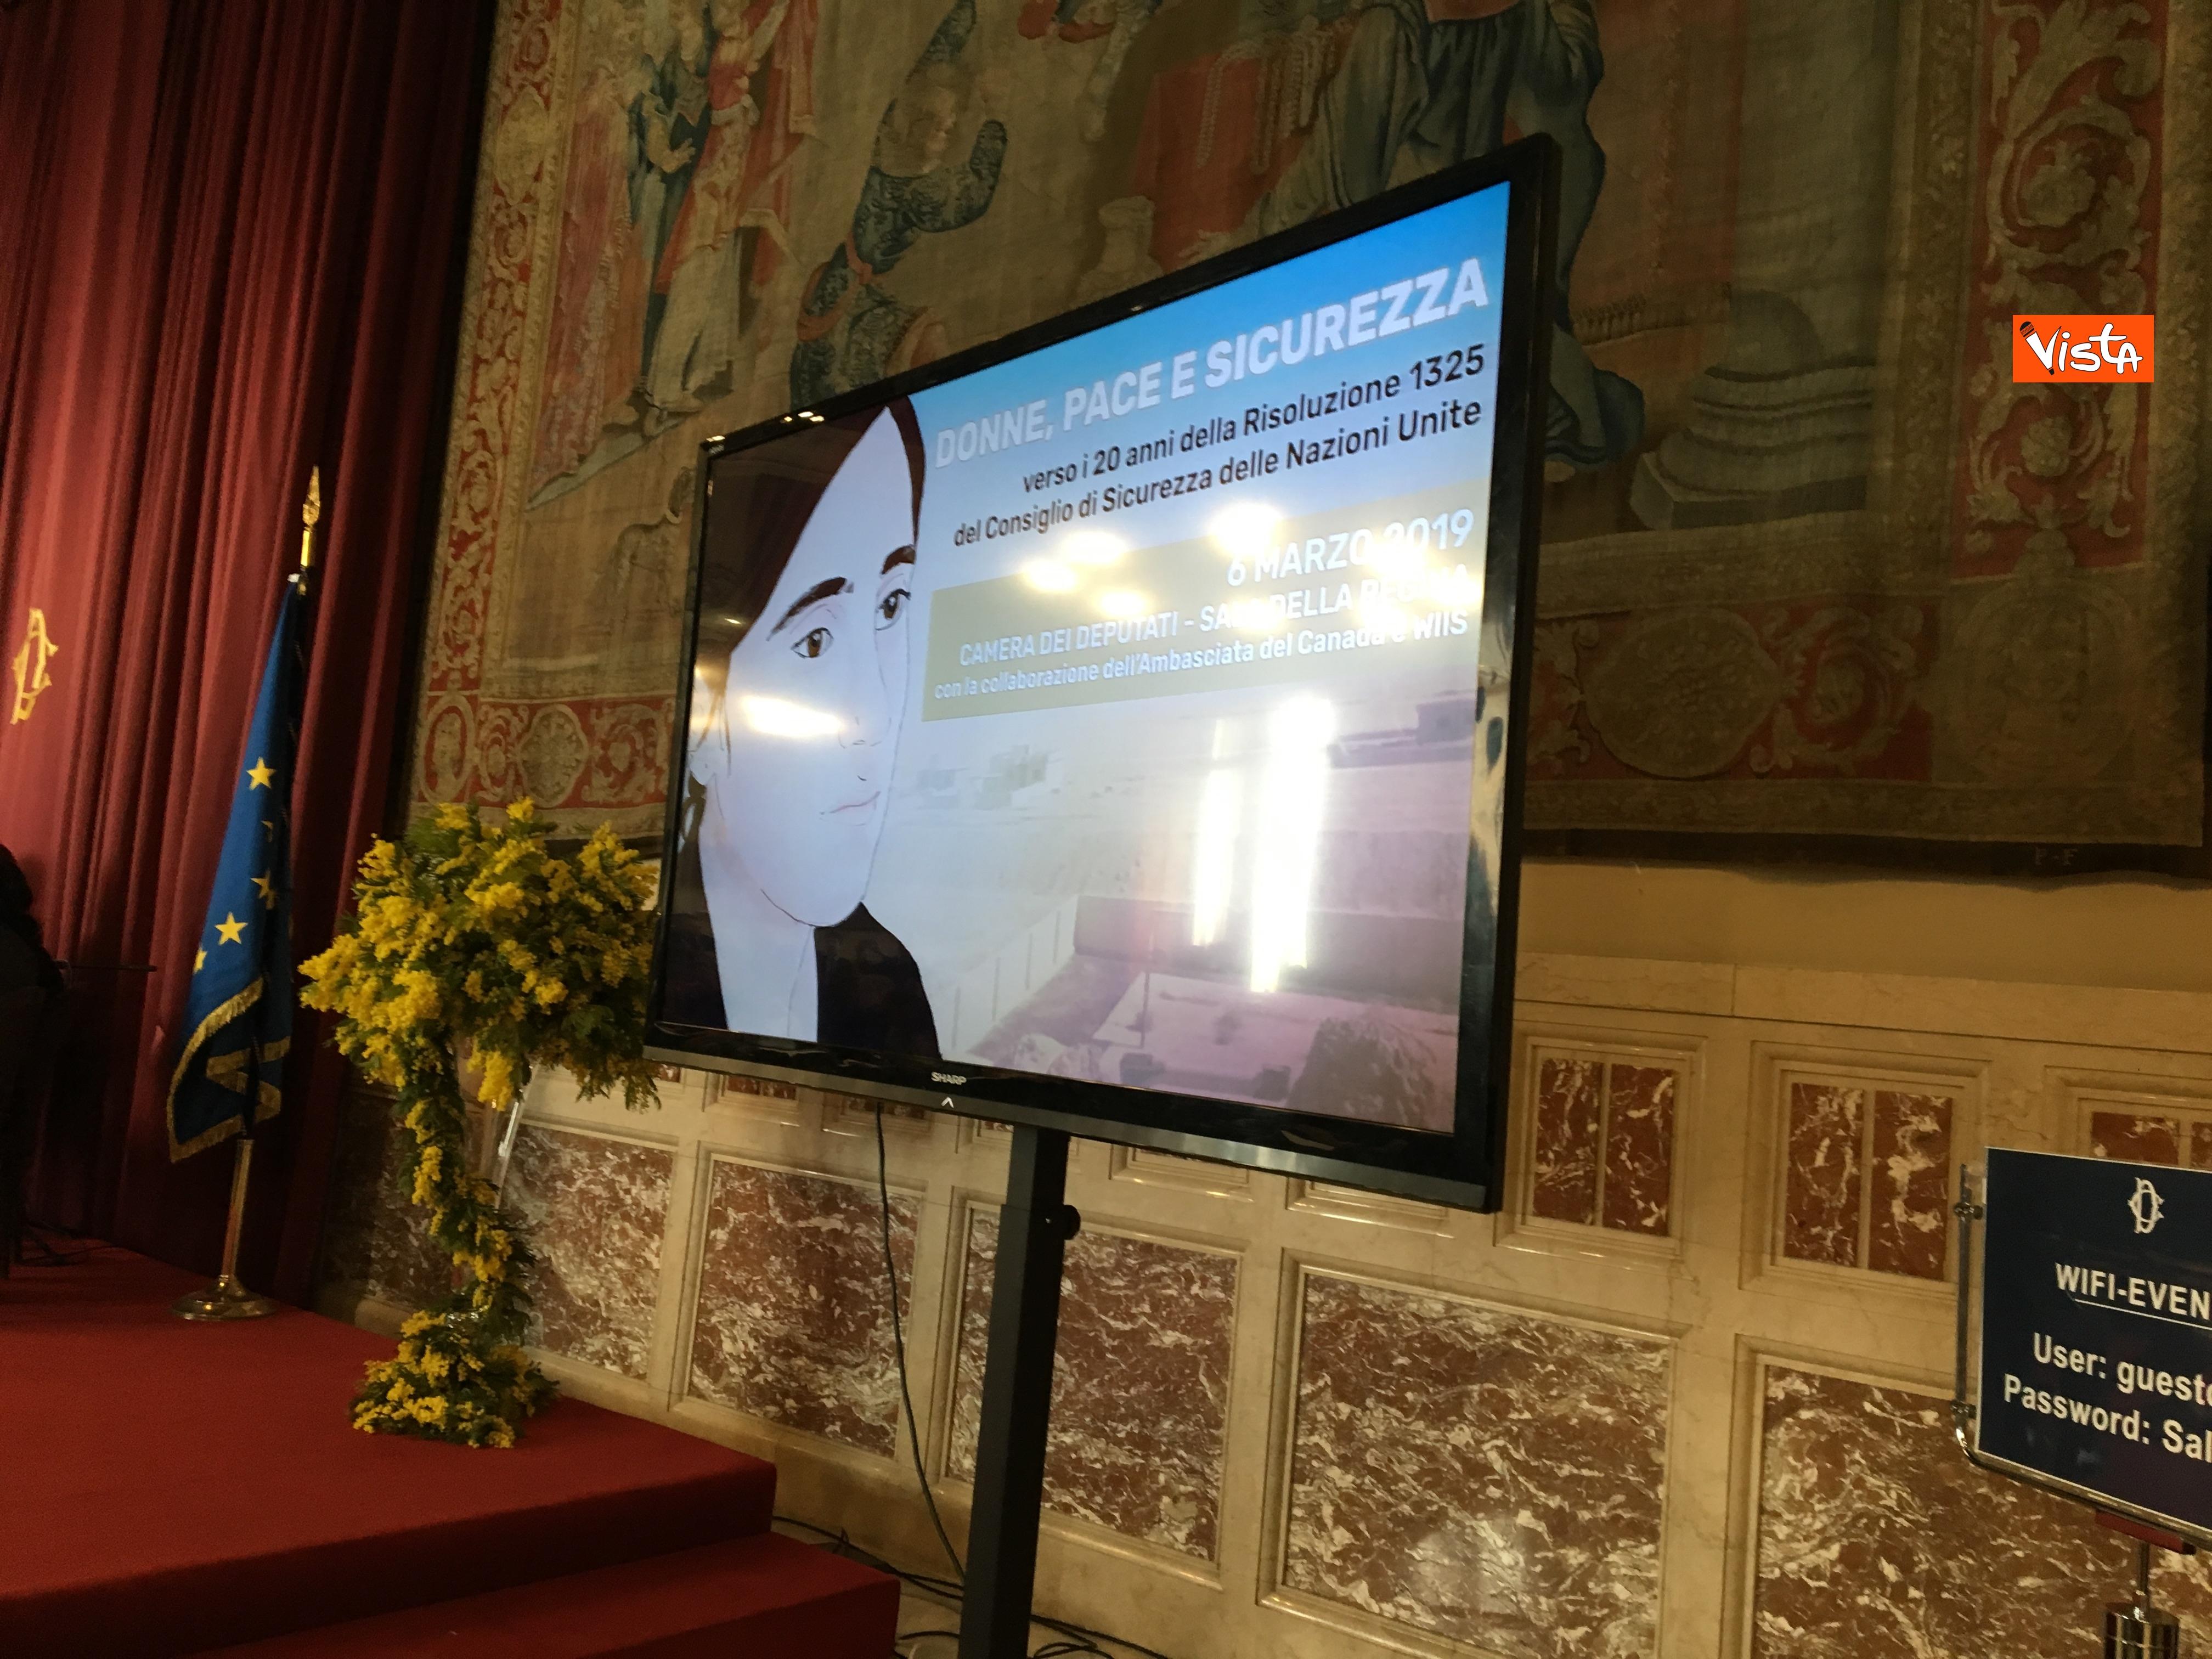 06-03-19 8 marzo a Montecitorio il convgeno Donne pace e sicurezza con il presidente Fico immagini_06